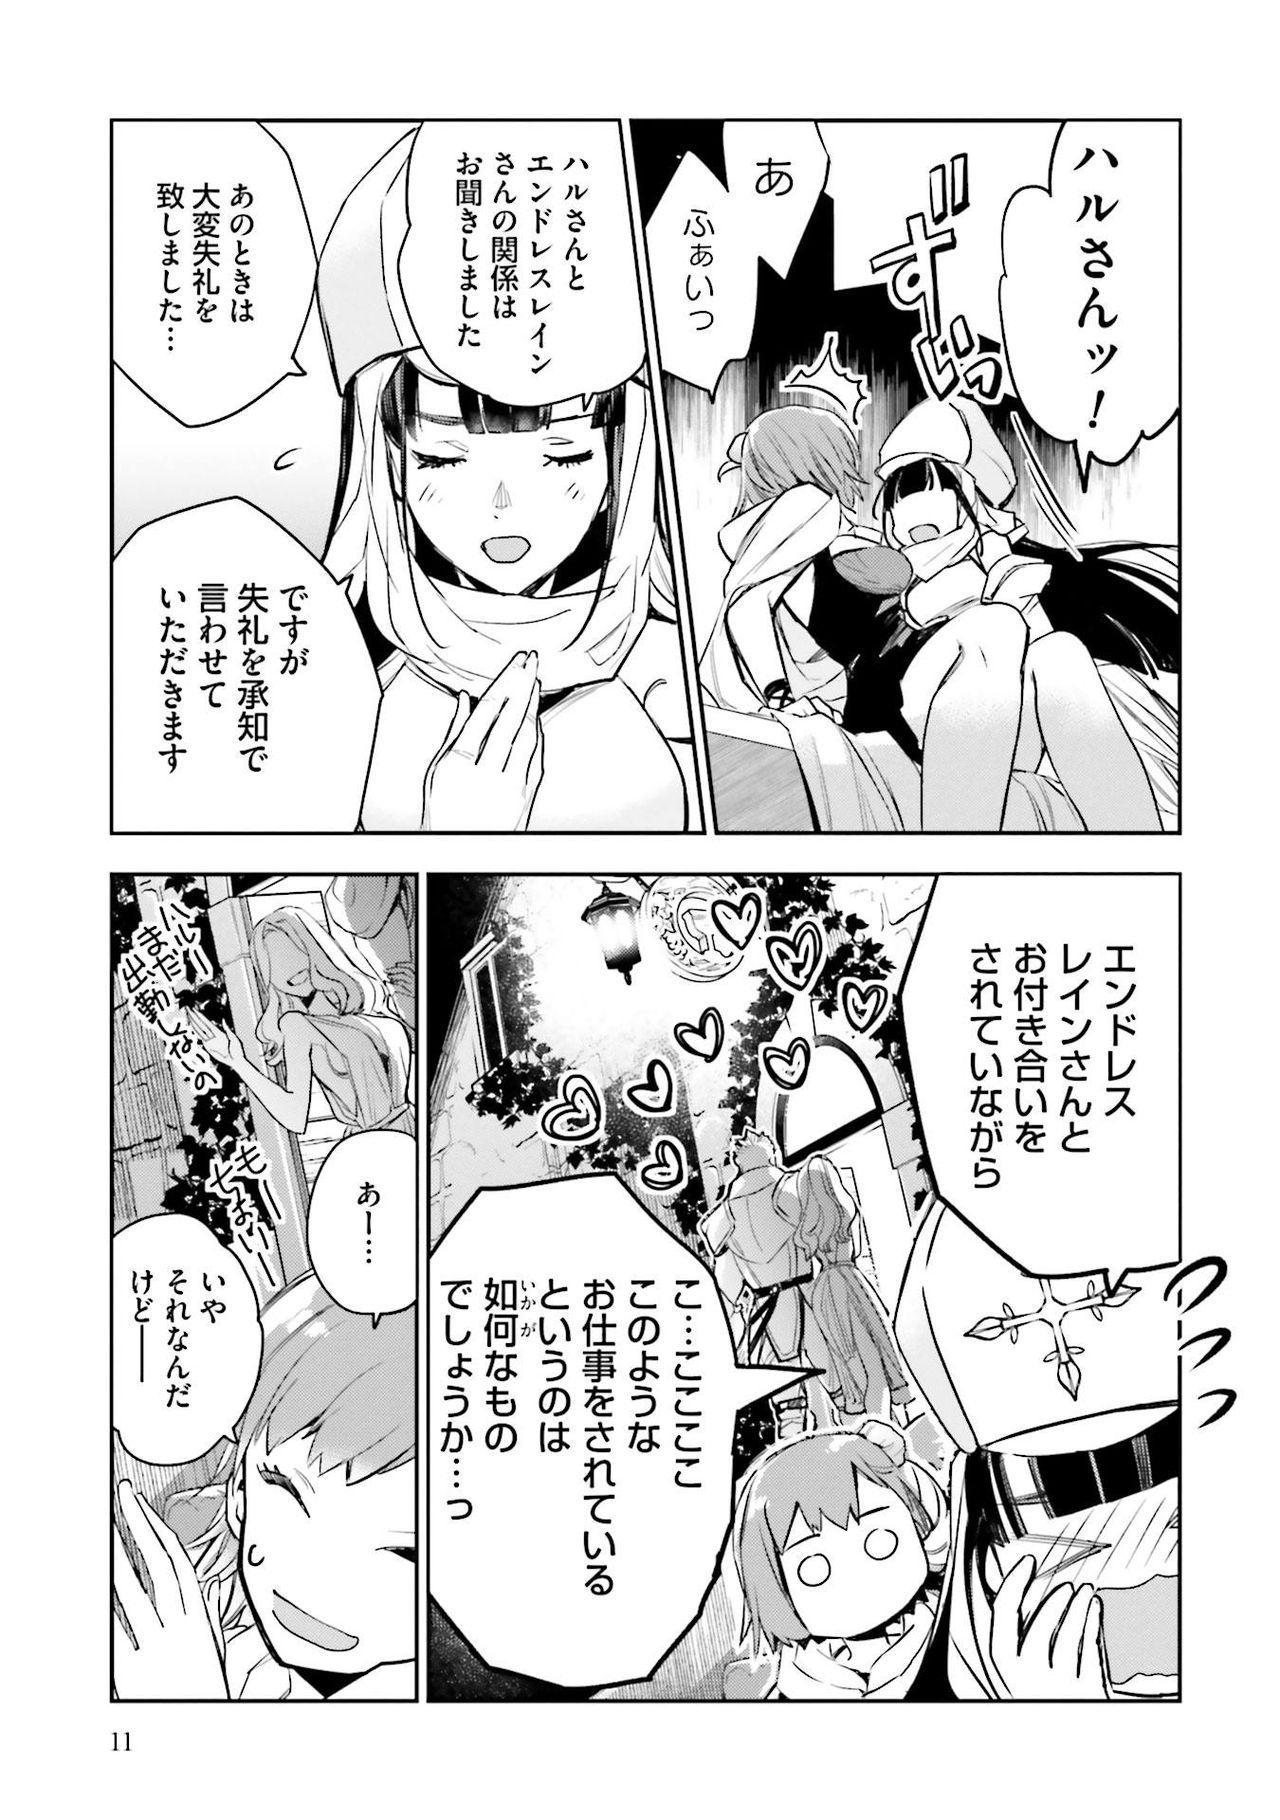 JK Haru wa Isekai de Shoufu ni Natta 1-14 199